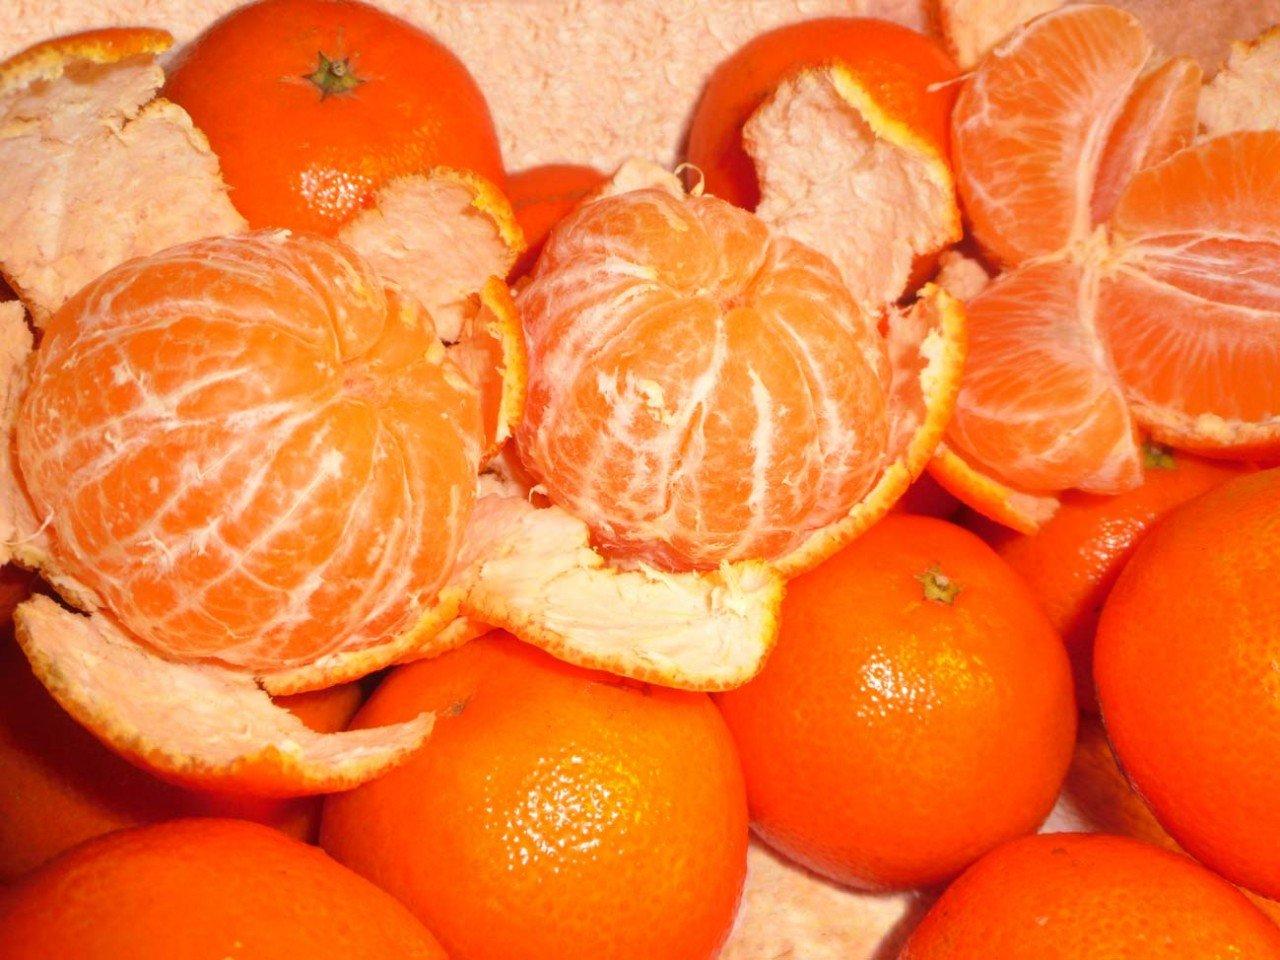 В Одесскую область ввезли 300 тонн мандаринов, зараженных опасным вредителем